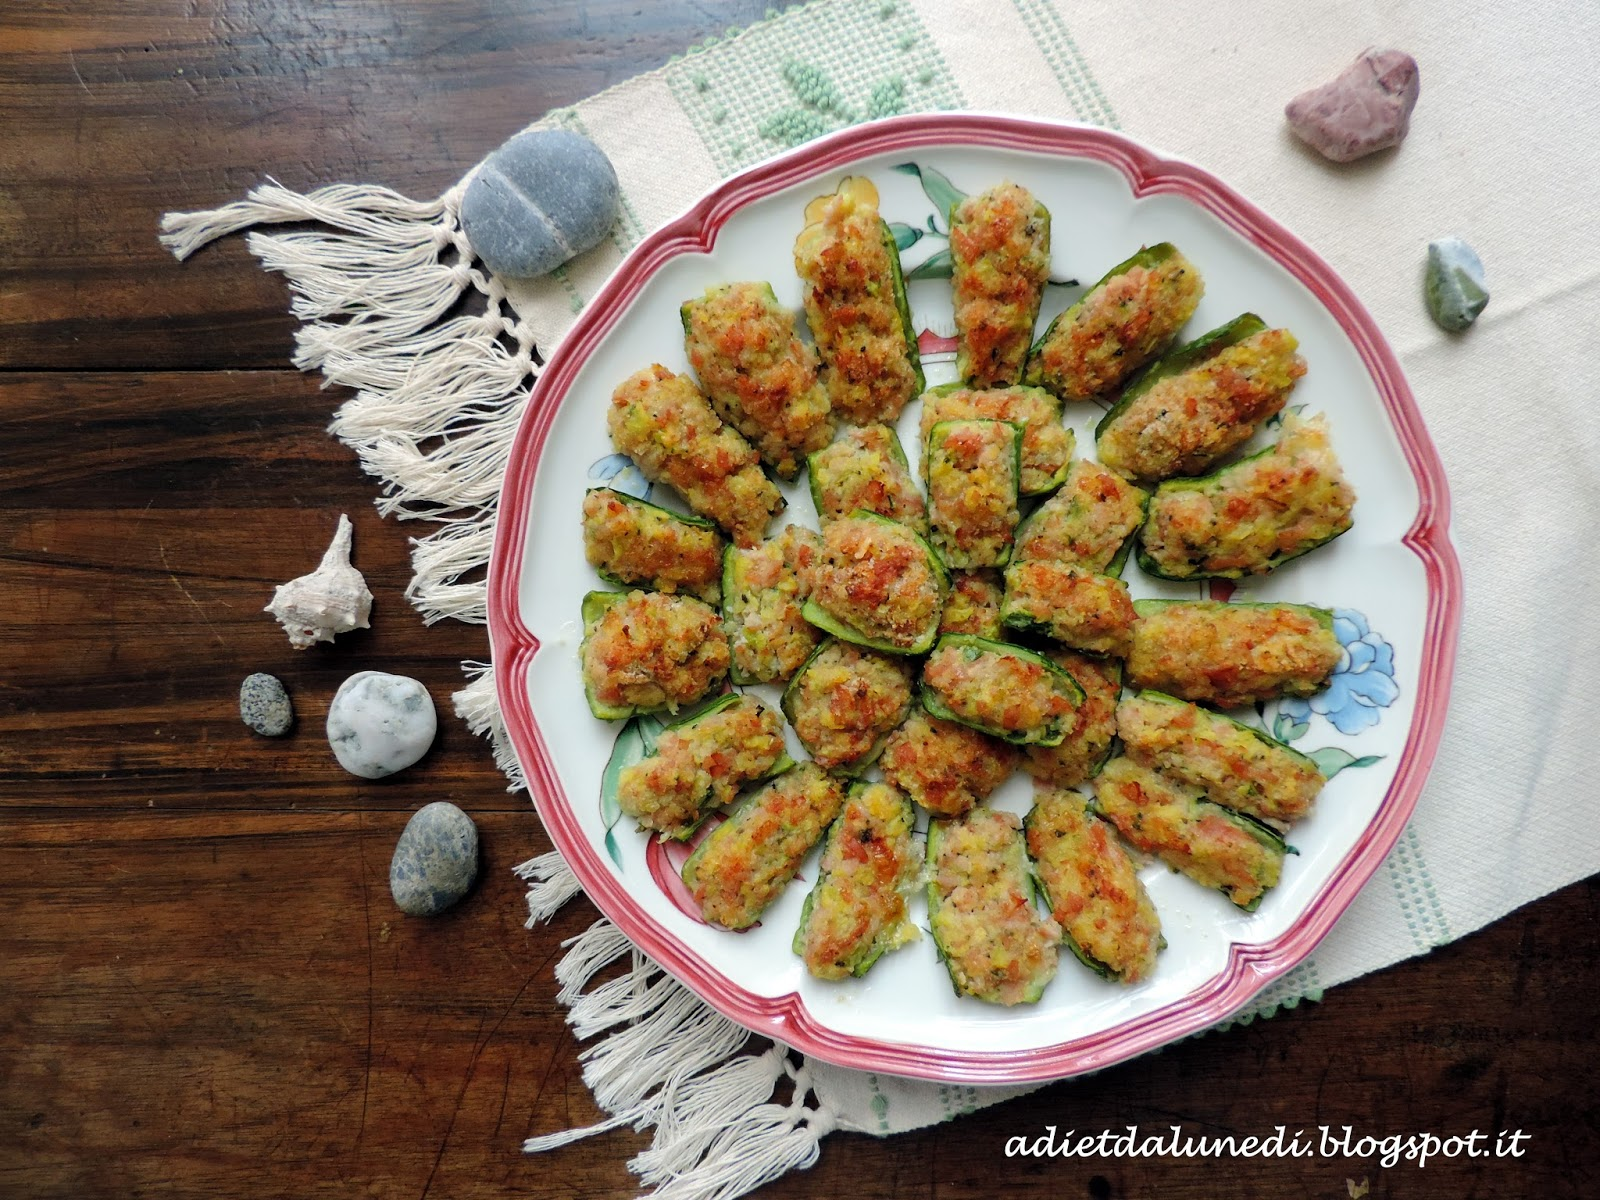 Diete Veloci E Facili : A dieta da lunedì zucchine ripiene facili e veloci per il brunch